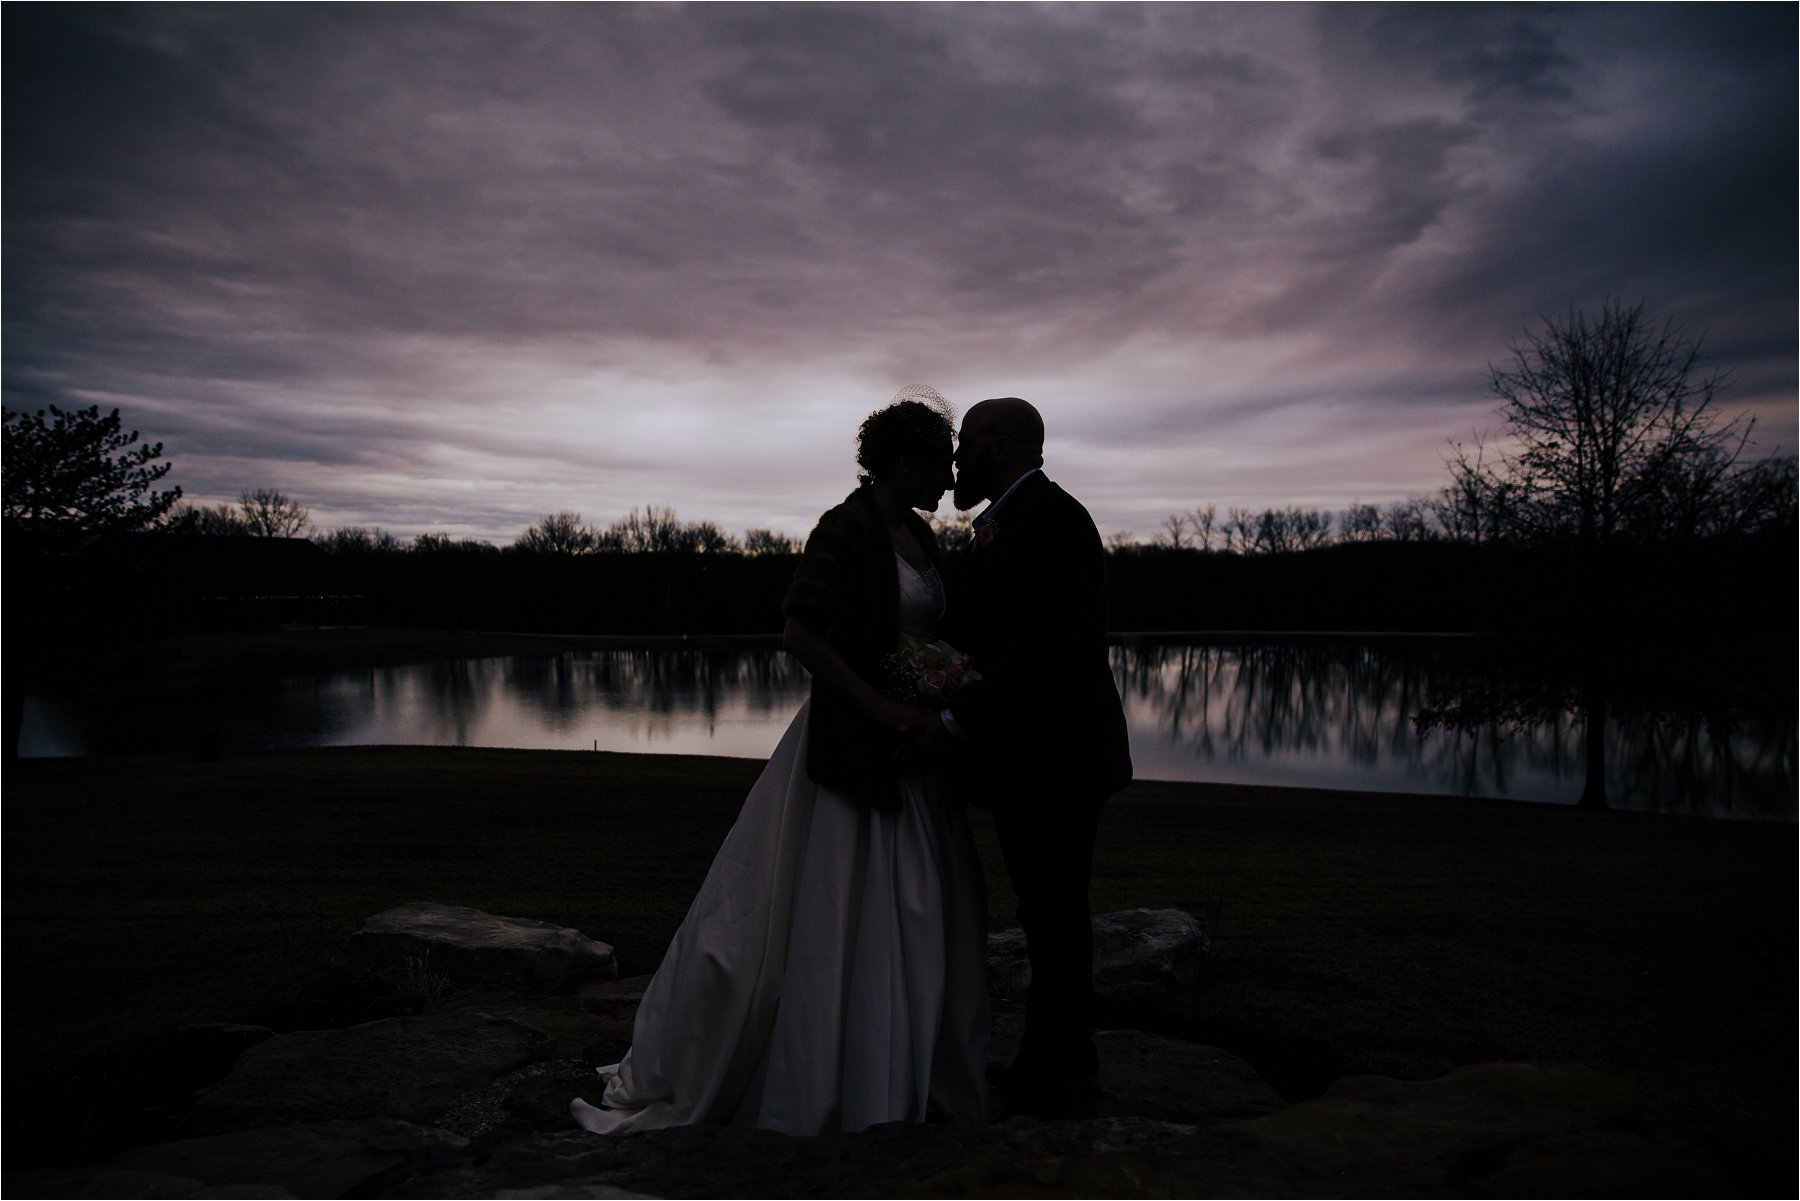 STLOUISWEDDINGPHOTOGRAPHER_SHERRYLANEPHOTOGRAPHER_REDEMPTIONRANCH_HARPERWEDDING_MARCH2019__ (55).jpg